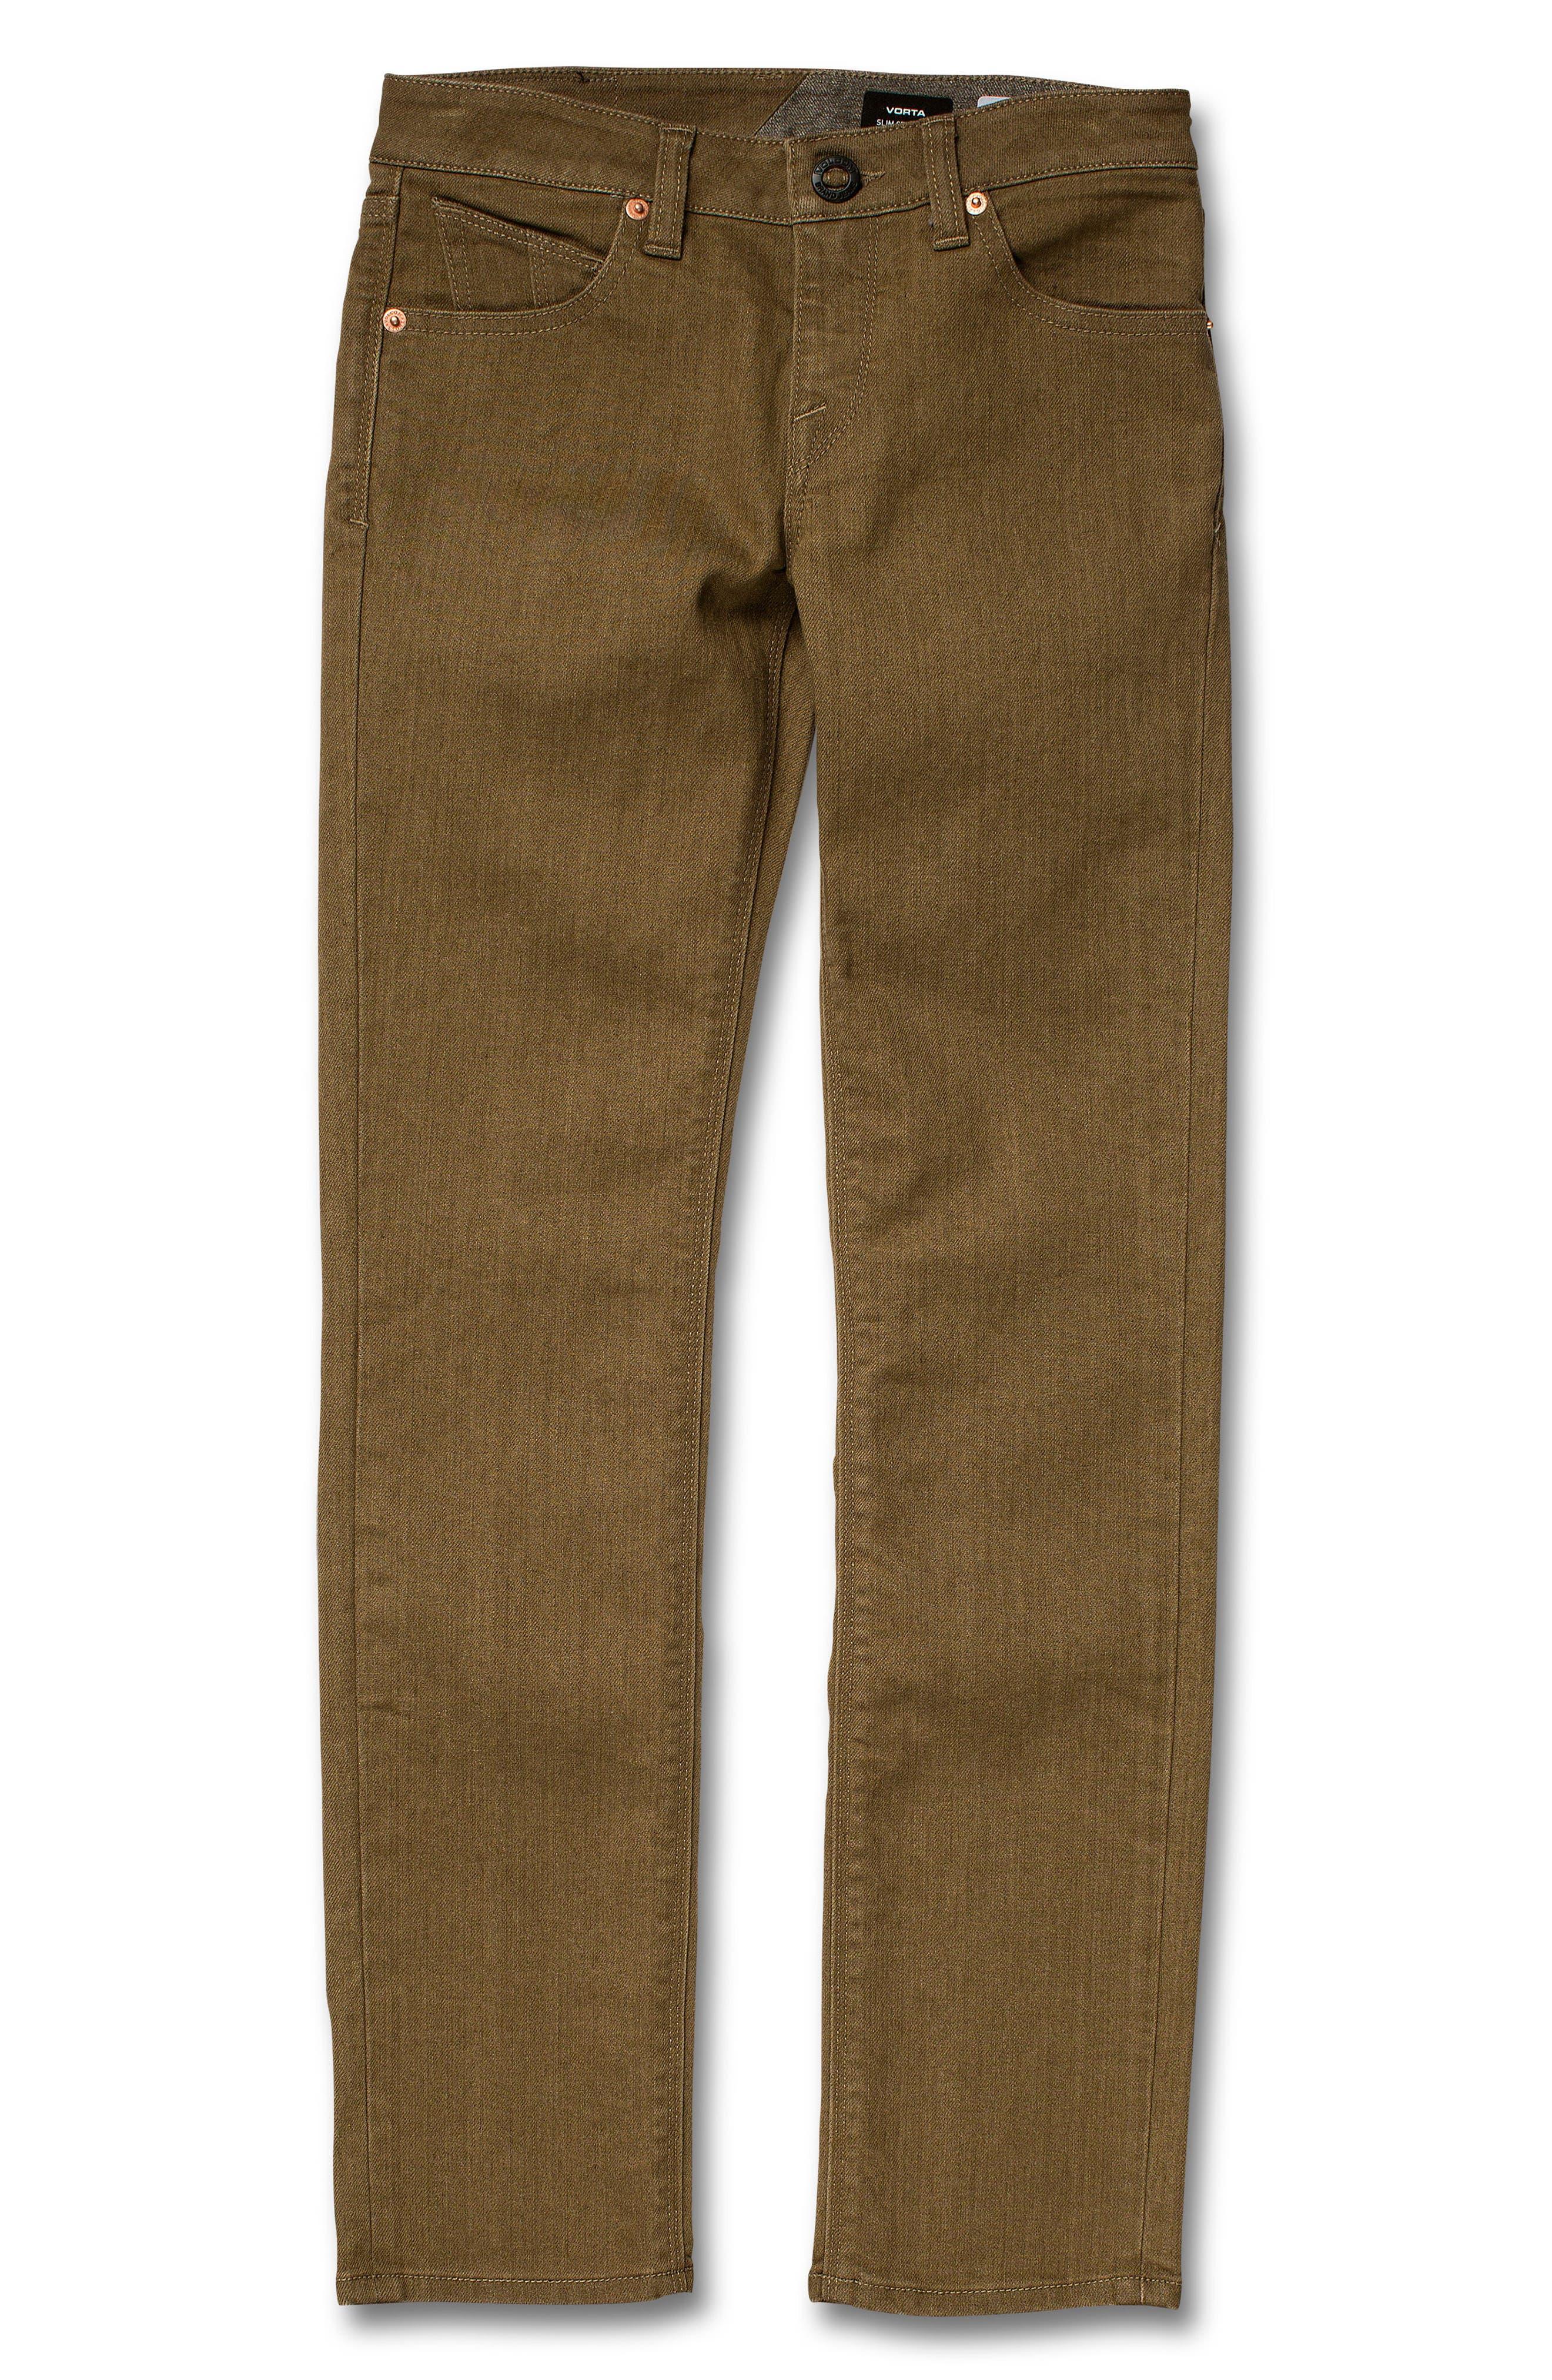 Vorta Slim Fit Jeans,                             Main thumbnail 1, color,                             WET SAND